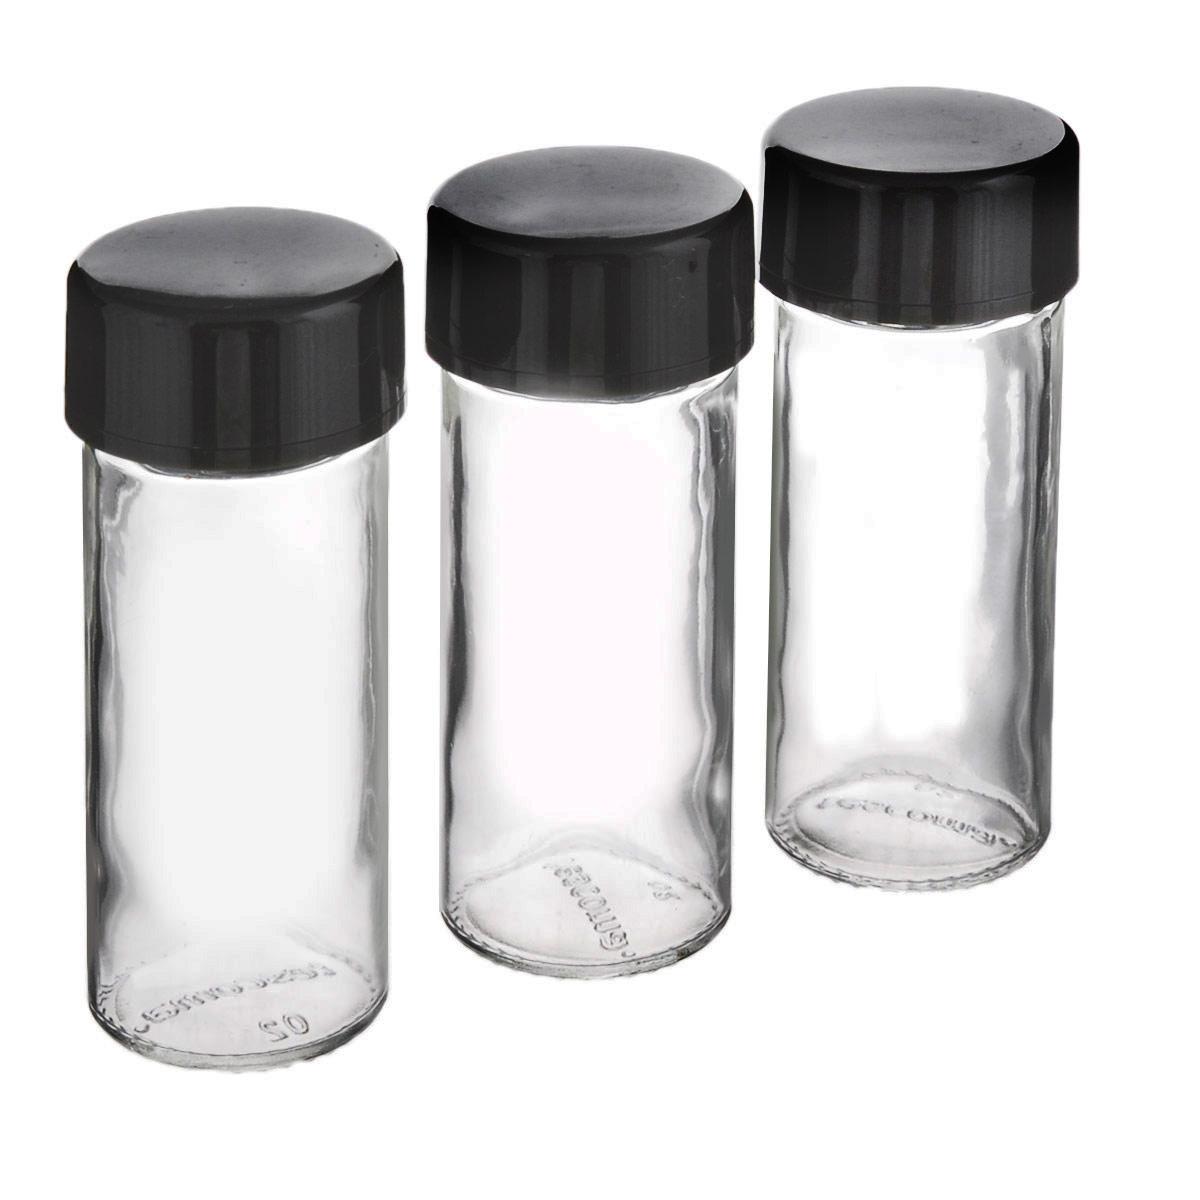 """Емкости для специй Tescoma """"Season"""" предназначены для компактного и организованного хранения специй. Набор состоит из 3 универсальных баночек с крышками для молотых пряностей и 3 запасными колпачками для целых специй.  Изготовлены из термостойкого стекла и высококачественного пластика. Можно мыть в посудомоечной машине. Диаметр баночек: 4 см. Высота баночек: 11 см."""